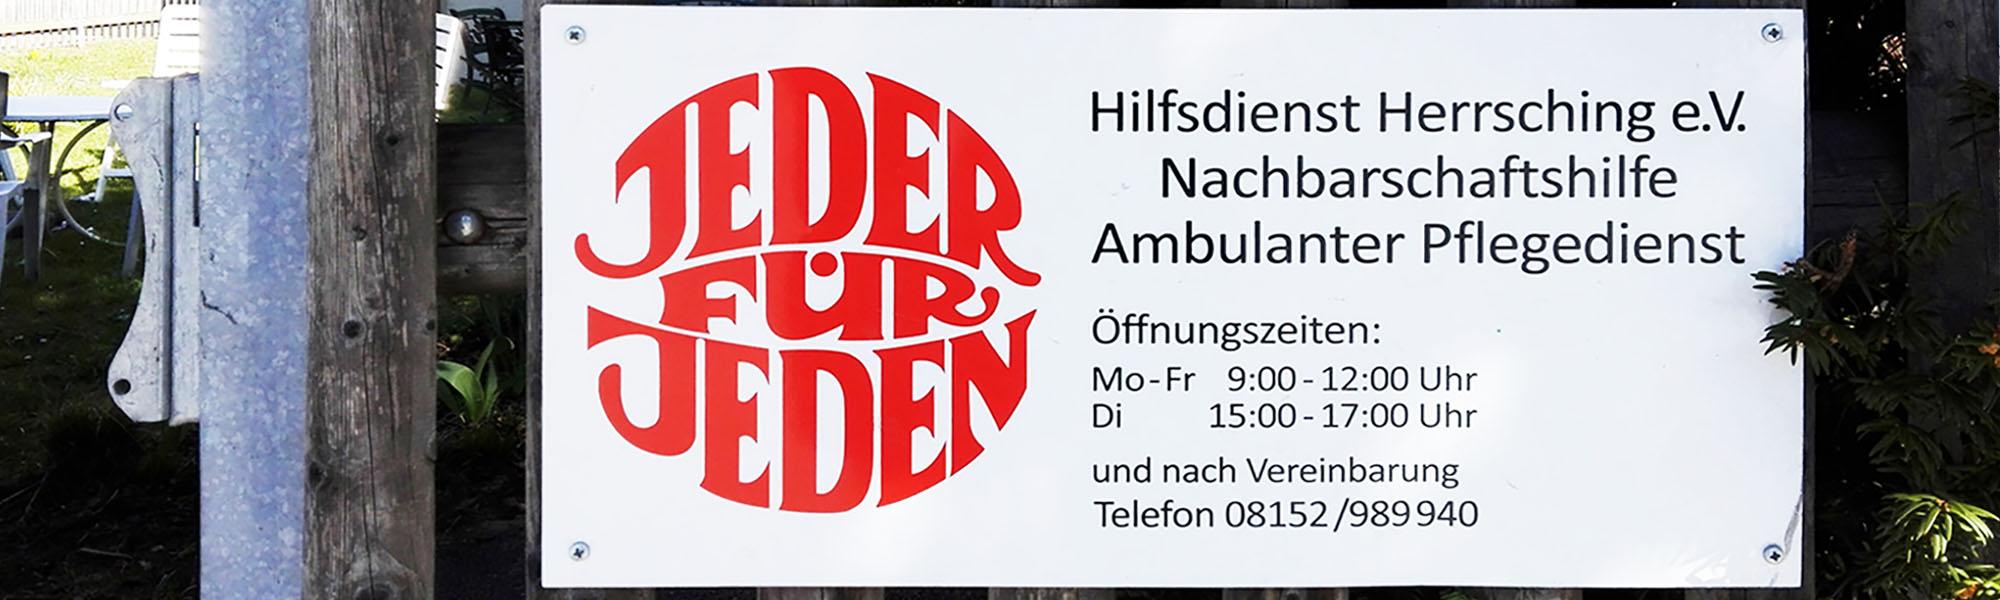 Hilfsdienst Herrsching